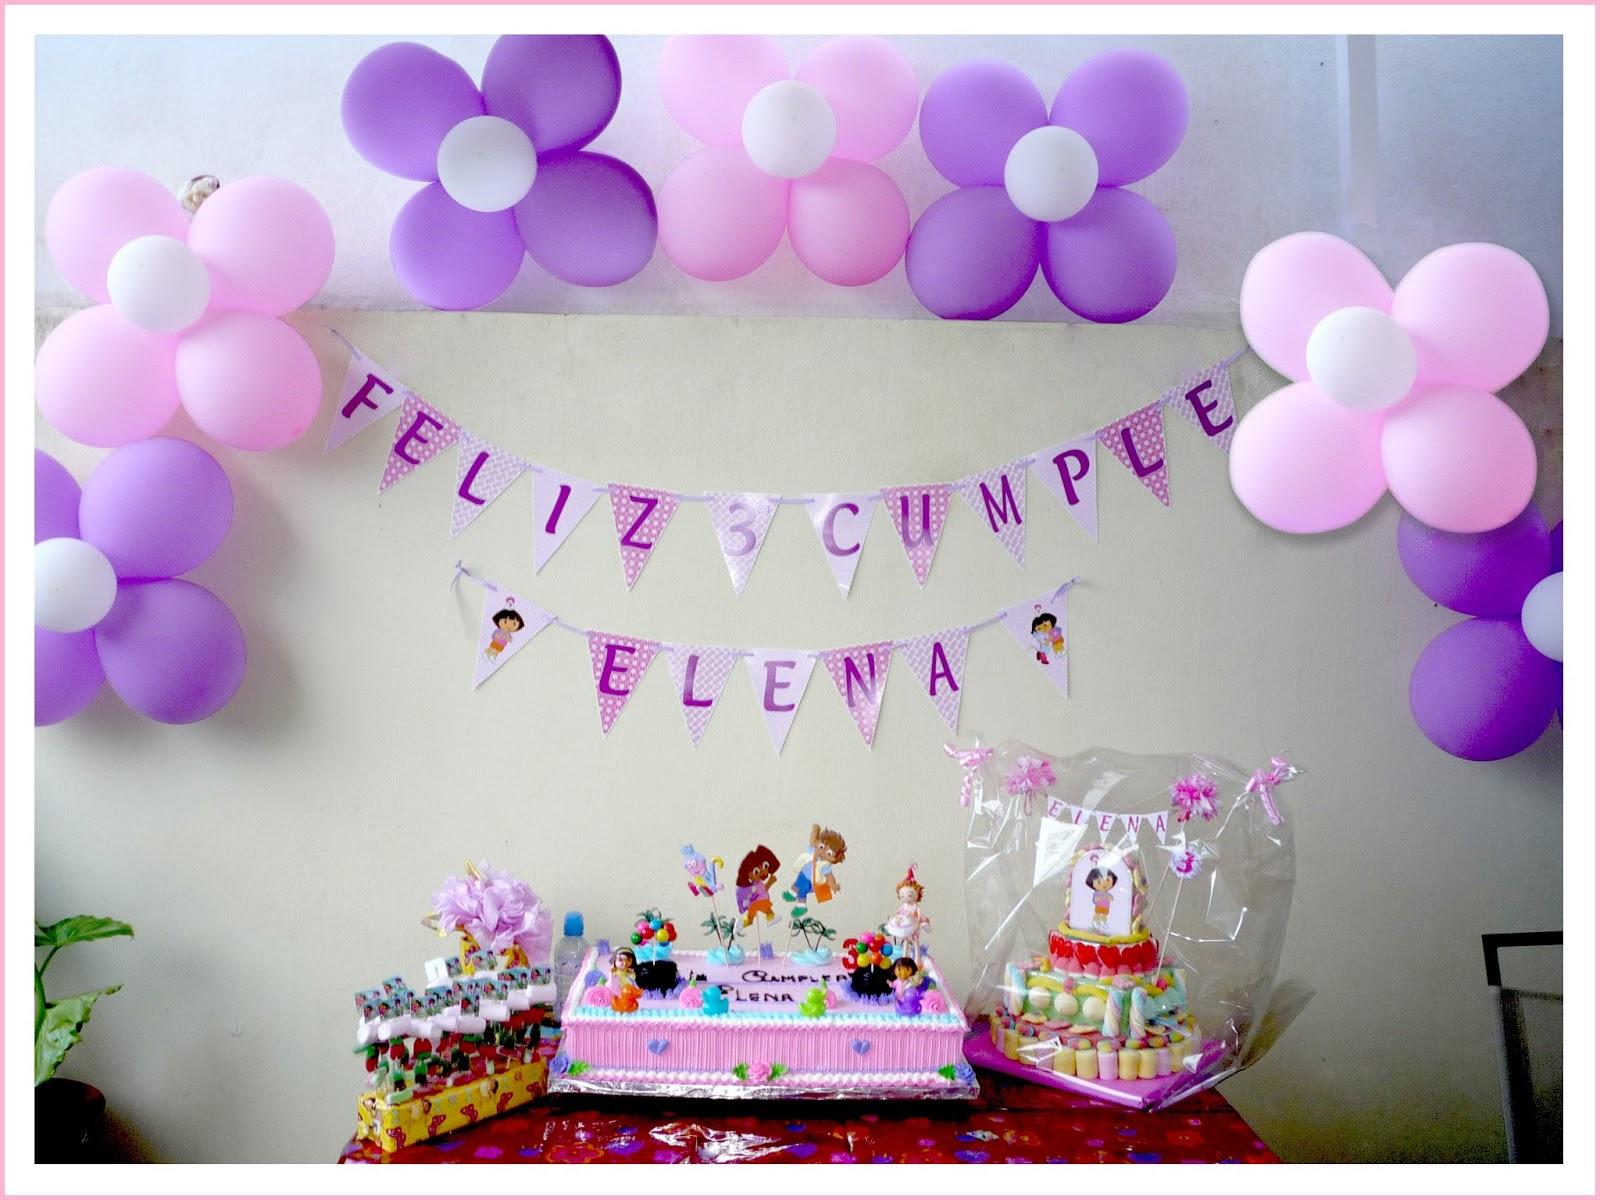 Baby nina fiestas cumple dora la exploradora para elena for Decoracion cumpleanos nina